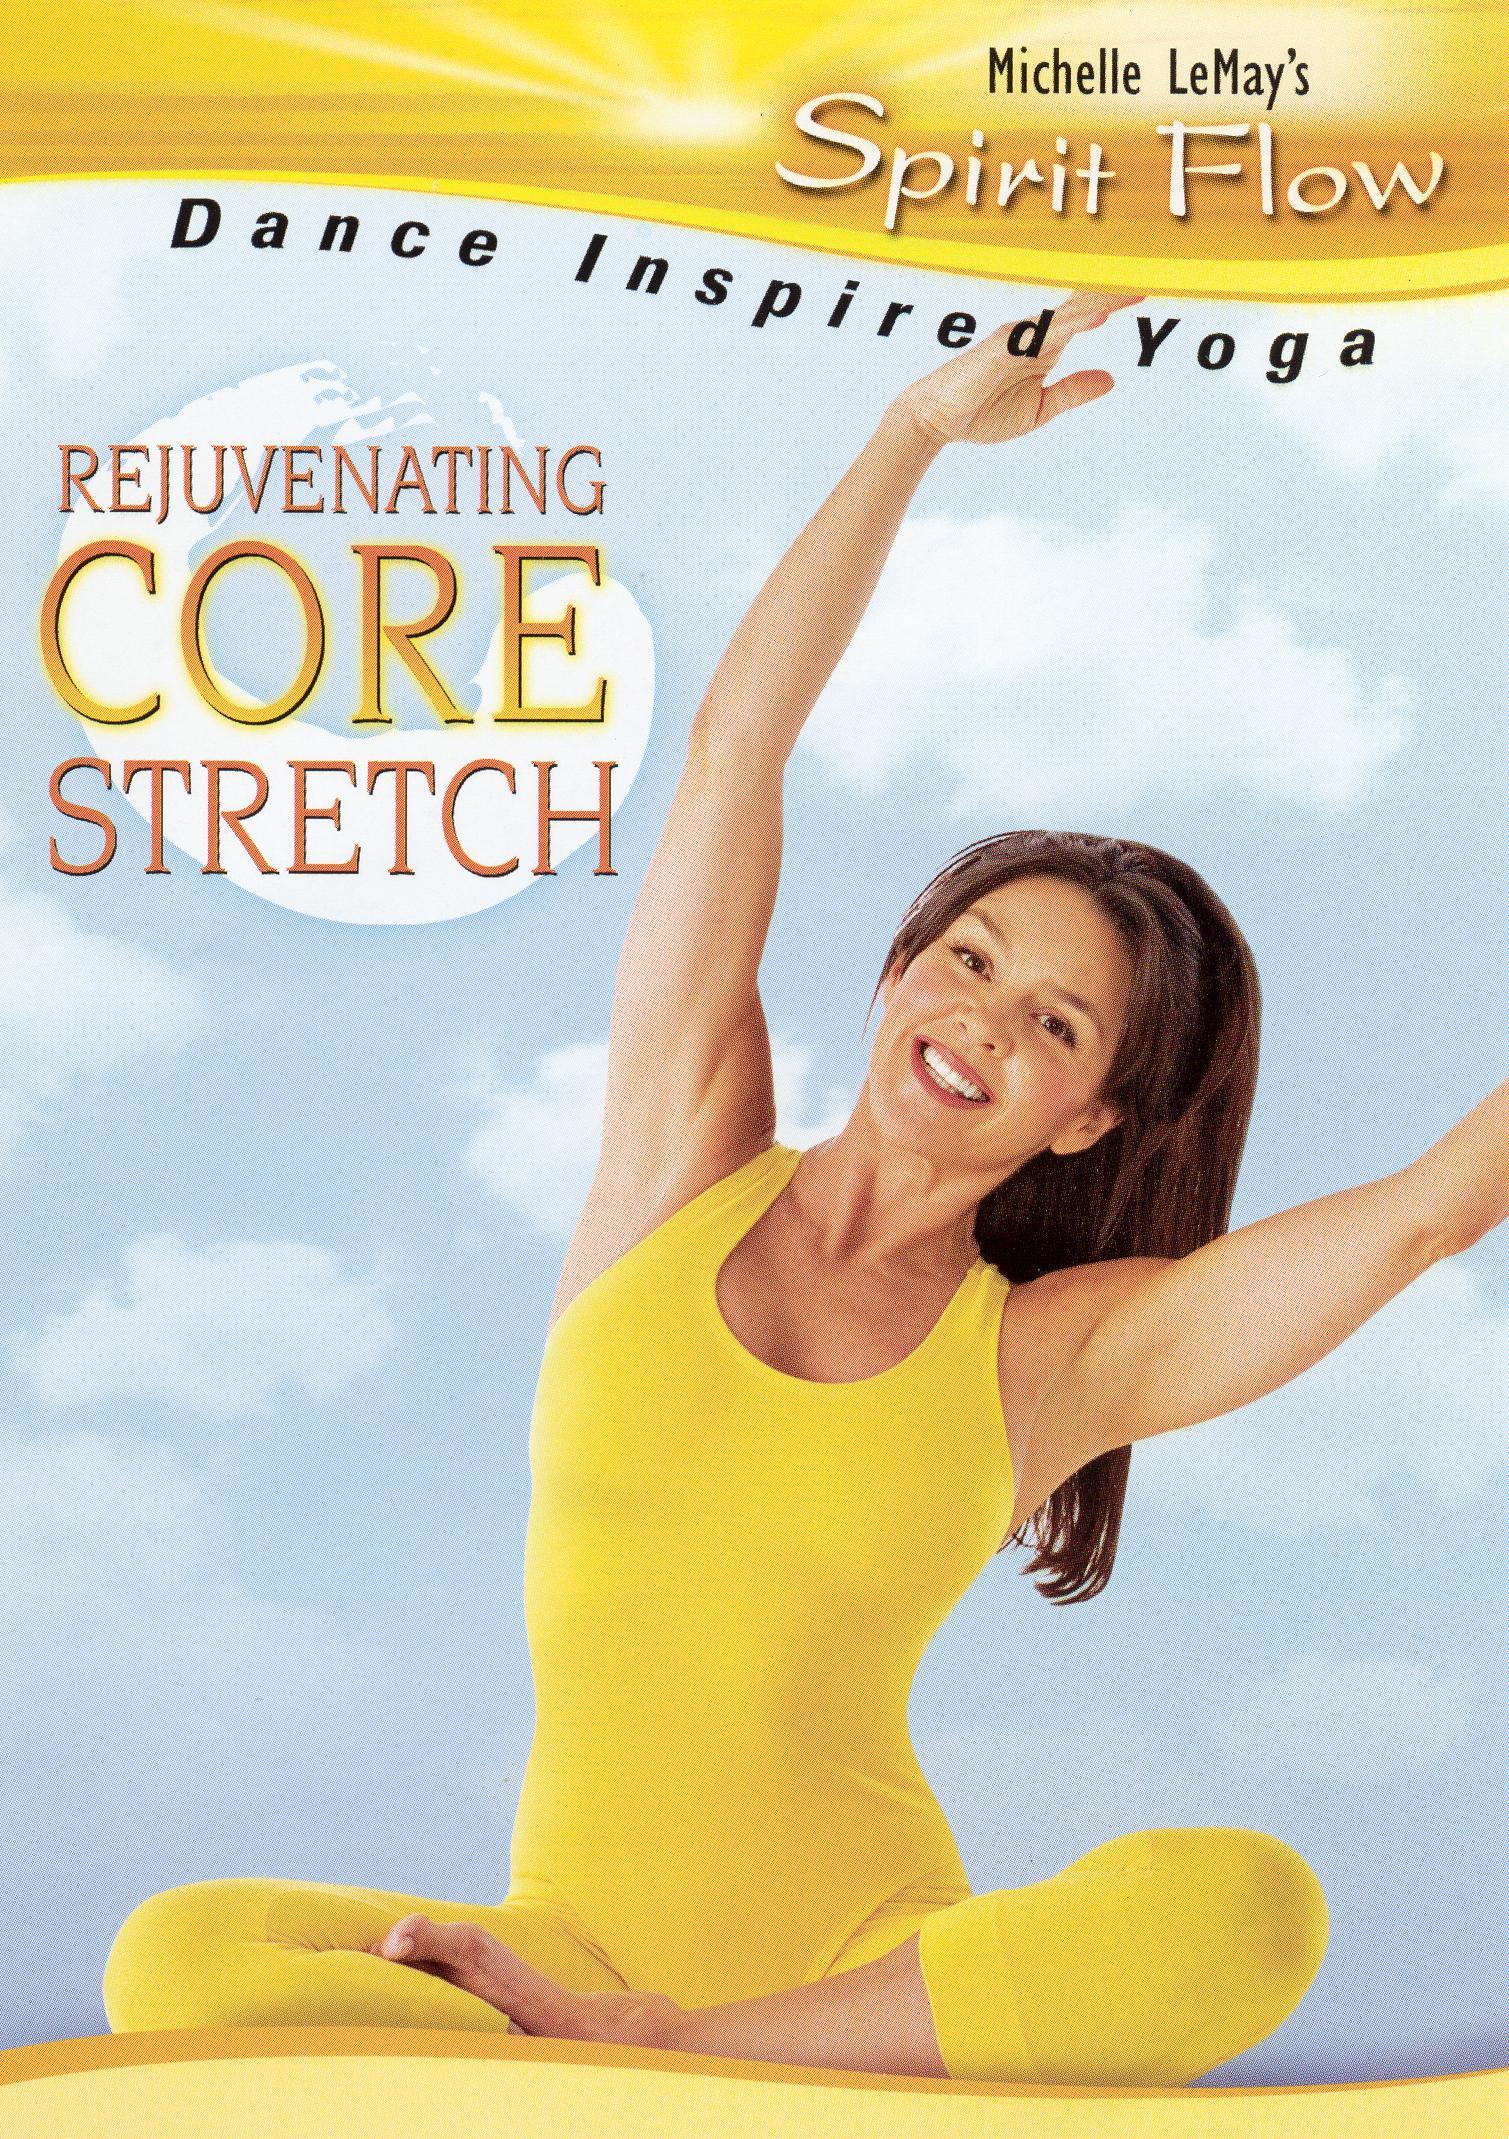 Michelle LeMay's Spirit Flow: Rejuvenating Core Stretch